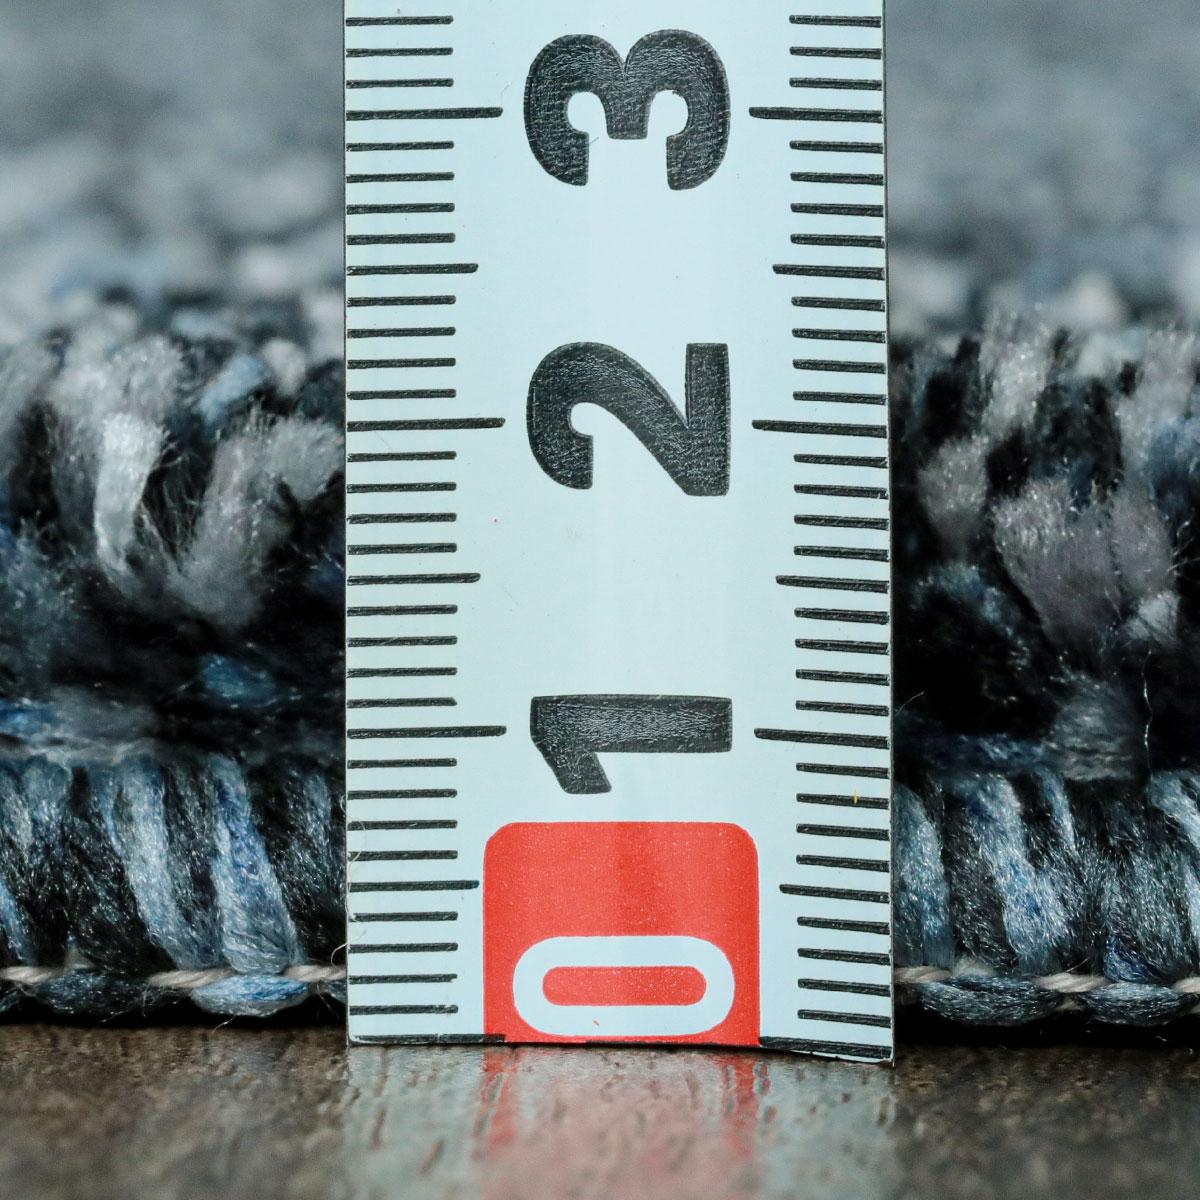 全厚約21mm。程よい薄さでコンパクトに収納できます。